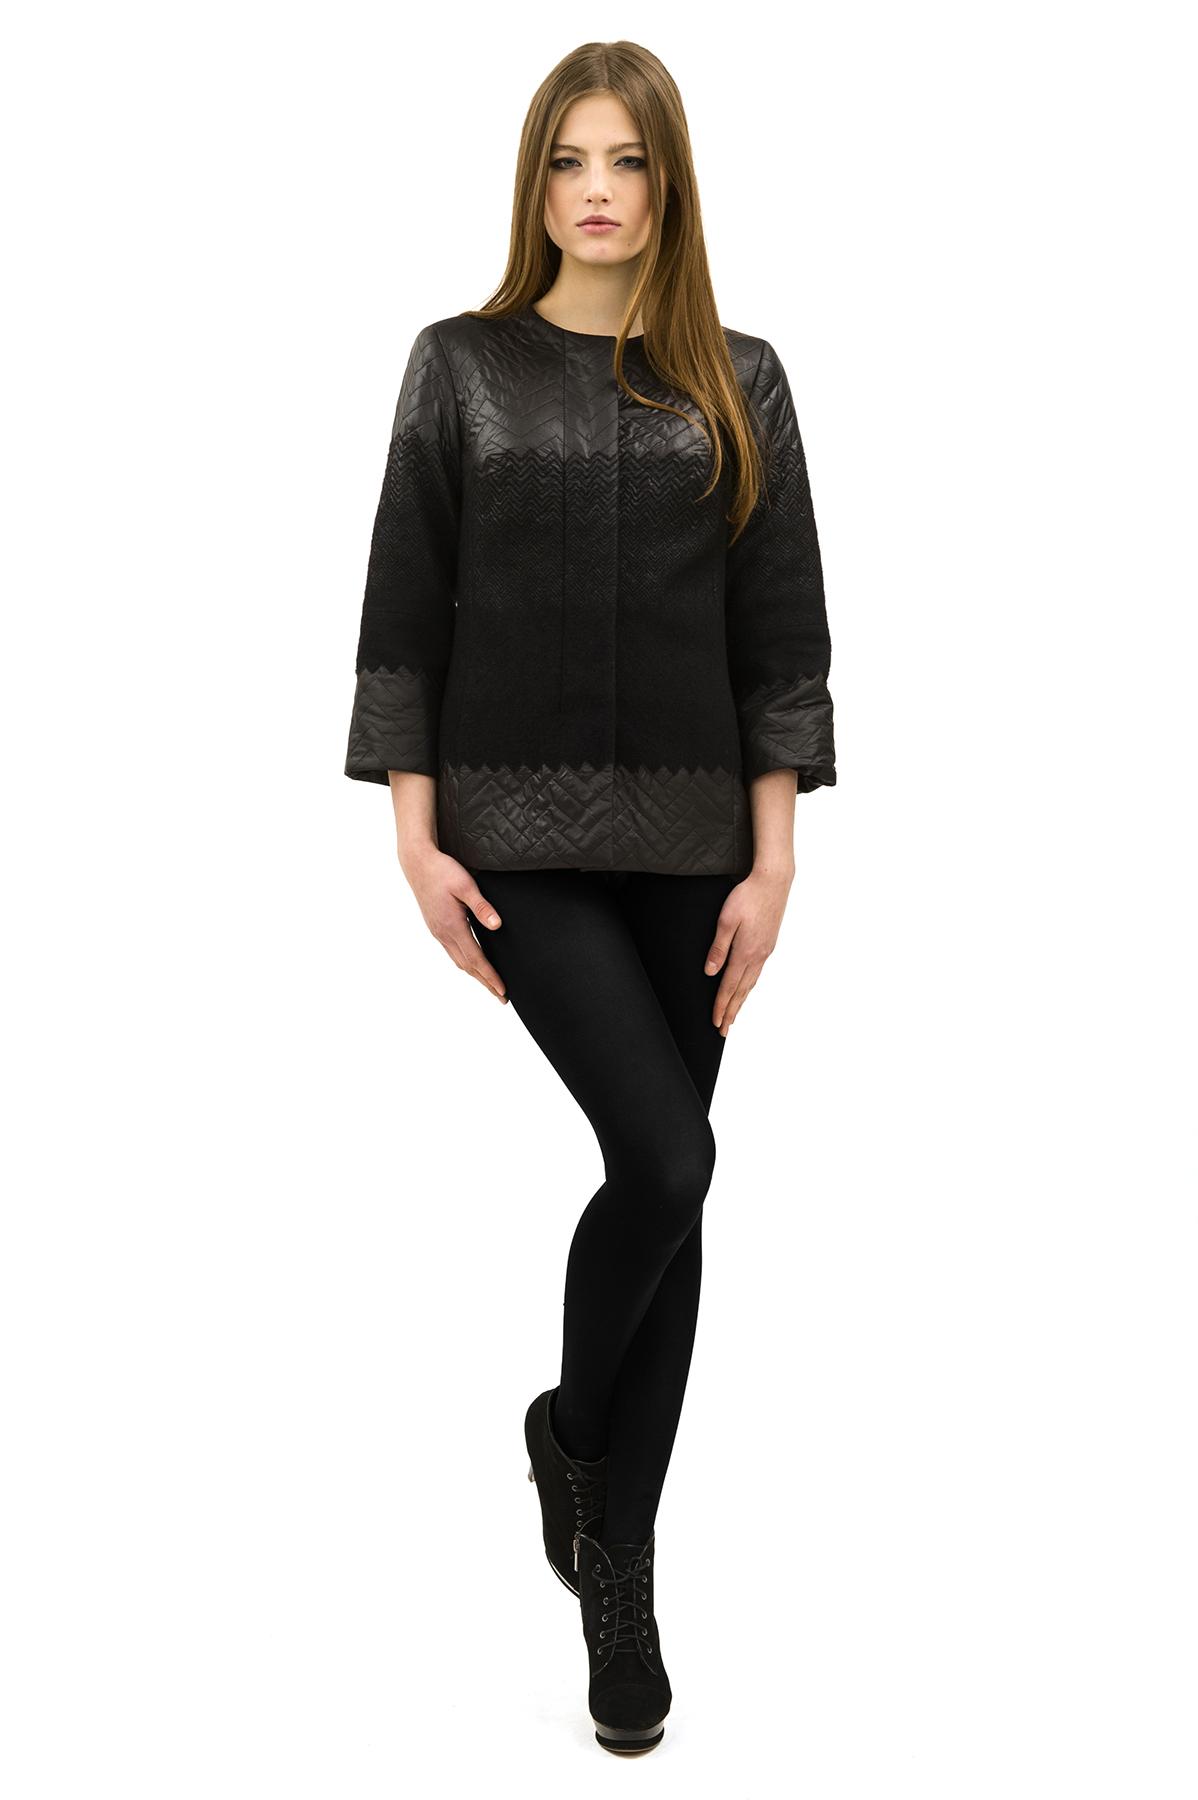 КурткаЖенские куртки, плащи, пальто<br>Стильная куртка для современных жительниц мегаполиса. Выполнена из высококачественного комфортного материала. Эта вещь станет идеальным вариантом для создания современного образа любой девушки.<br><br>Цвет: черный<br>Состав: 100% полиэстер, подкладка - 100% полиэстер, утеплитель - 100% полиэстер<br>Размер: 40,42,44,46,48,50,52,54,56,58,60<br>Страна дизайна: Россия<br>Страна производства: Россия